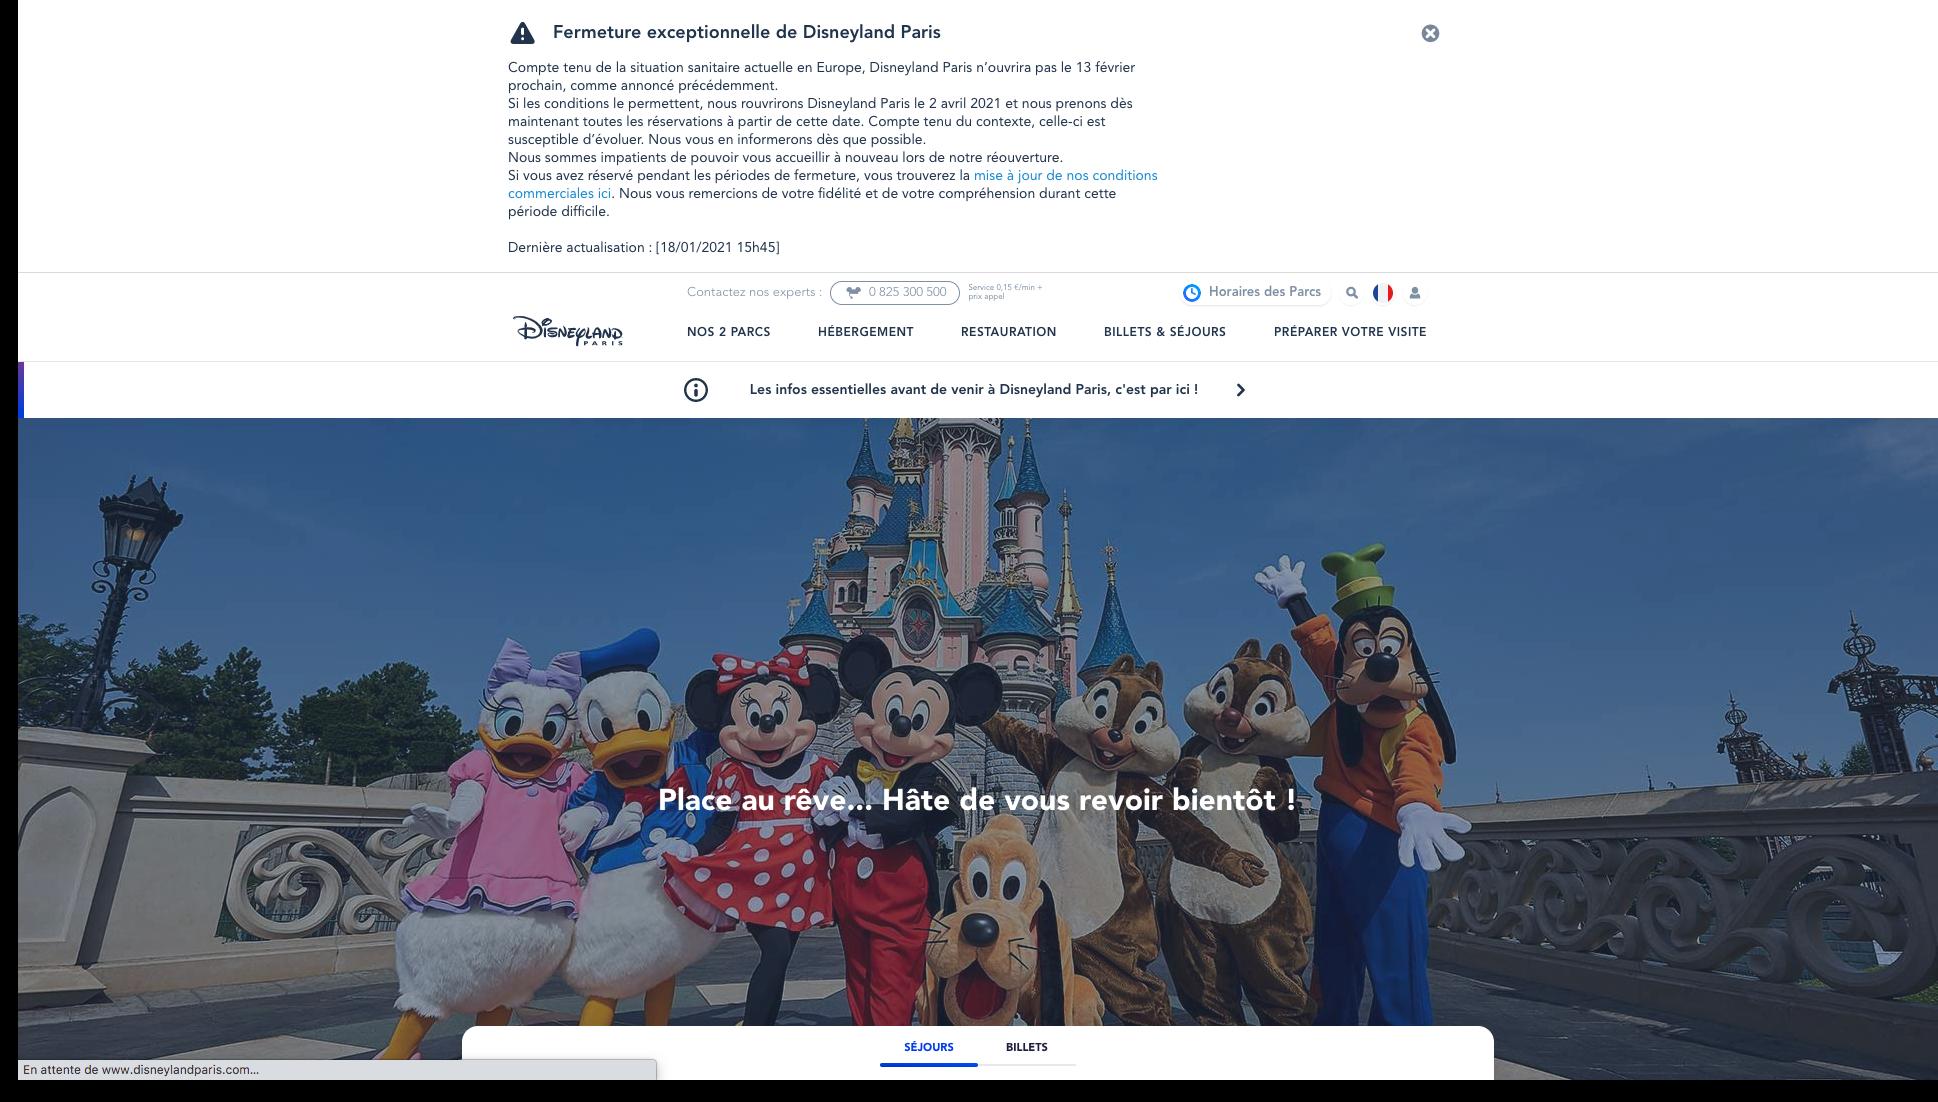 réouverture en avril pour Disneyland Paris